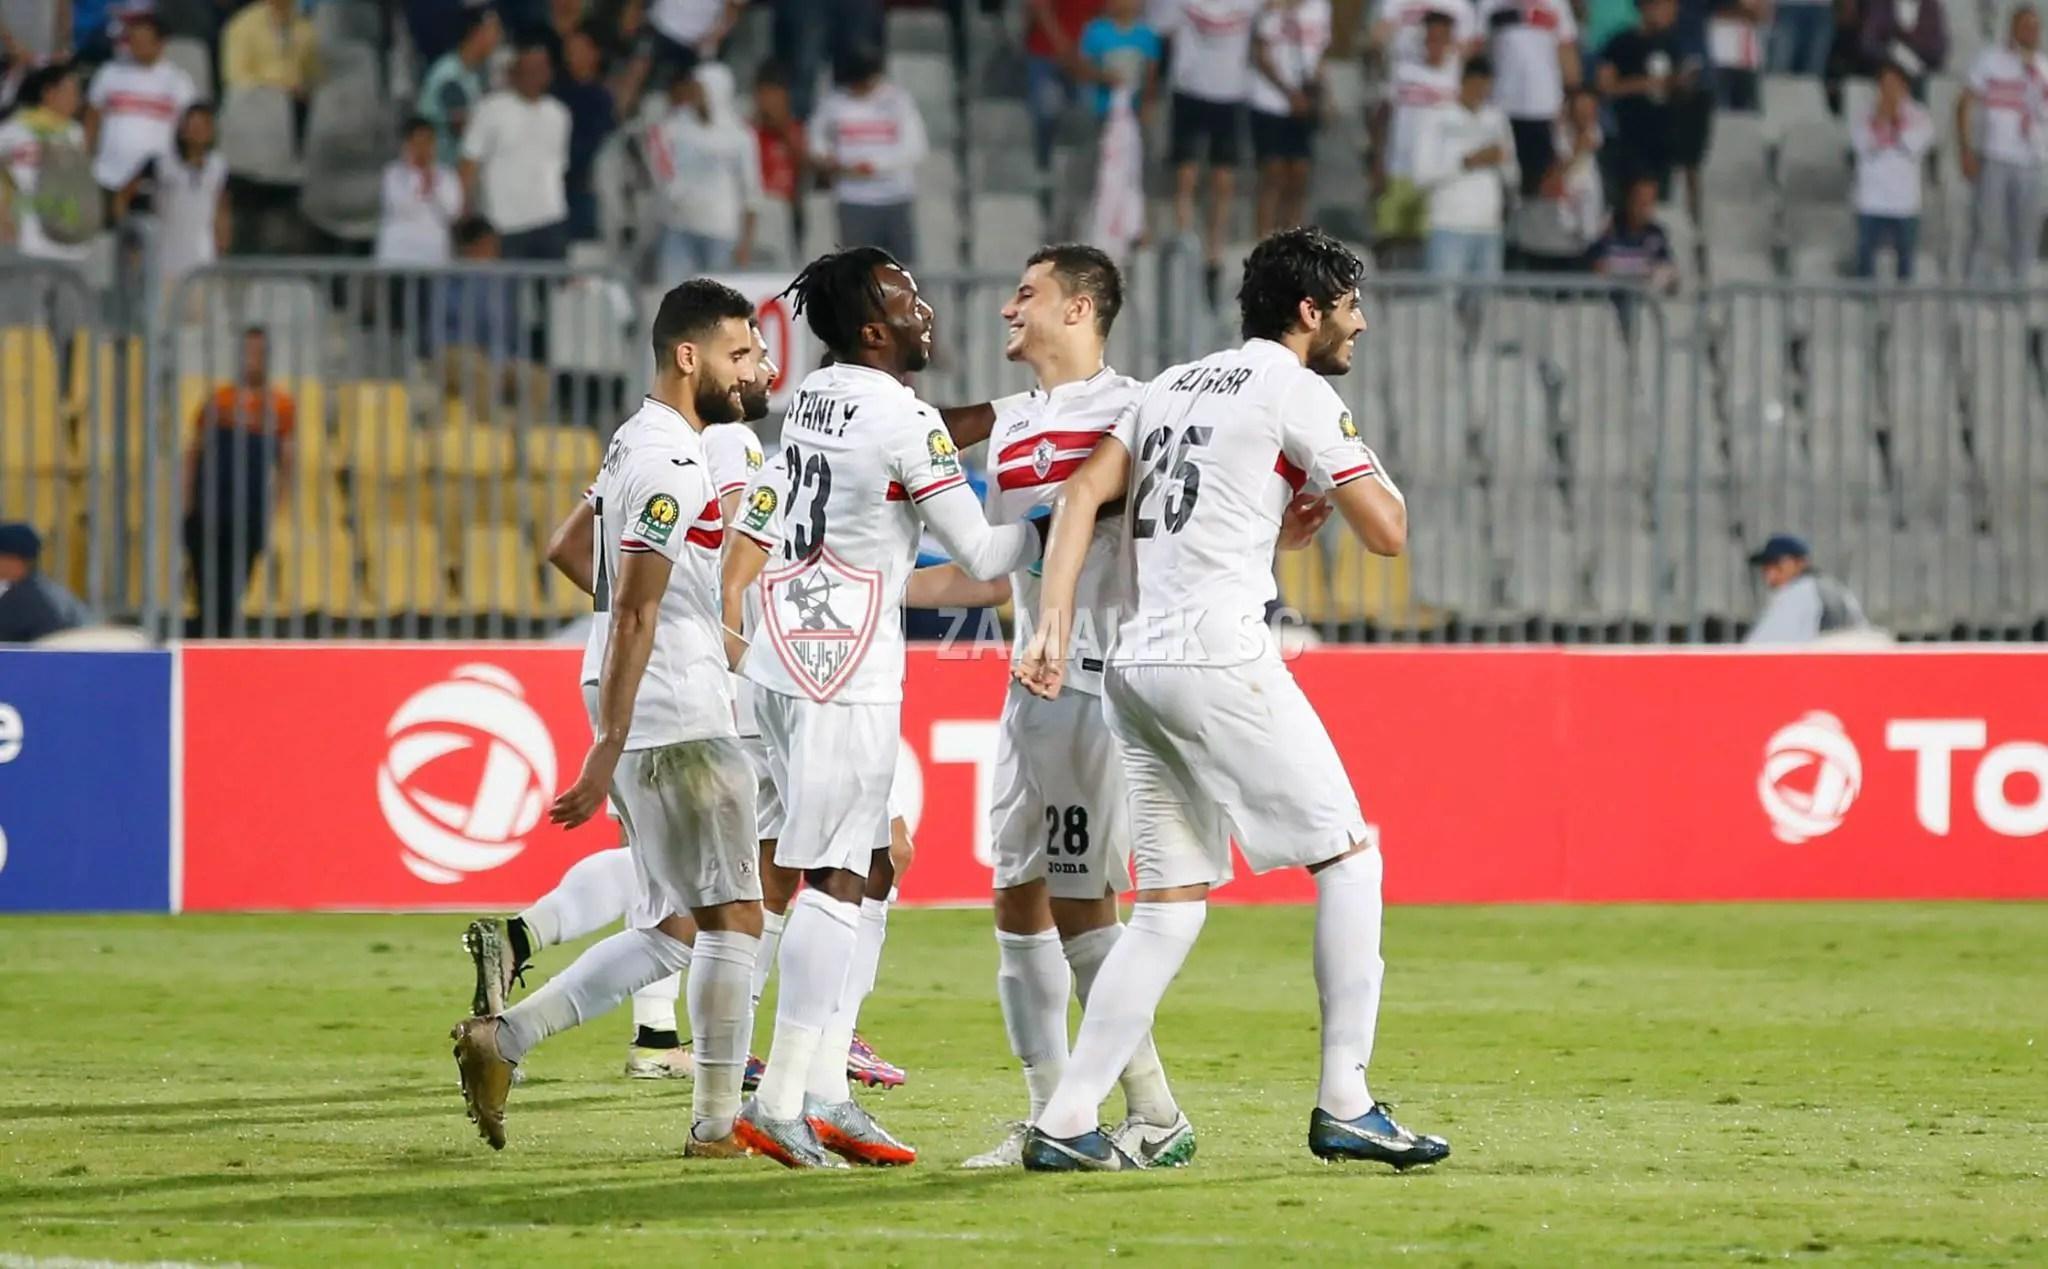 Ohawuchi Scores In Zamalek Win, Lawal Hits Third Goal In Two Games